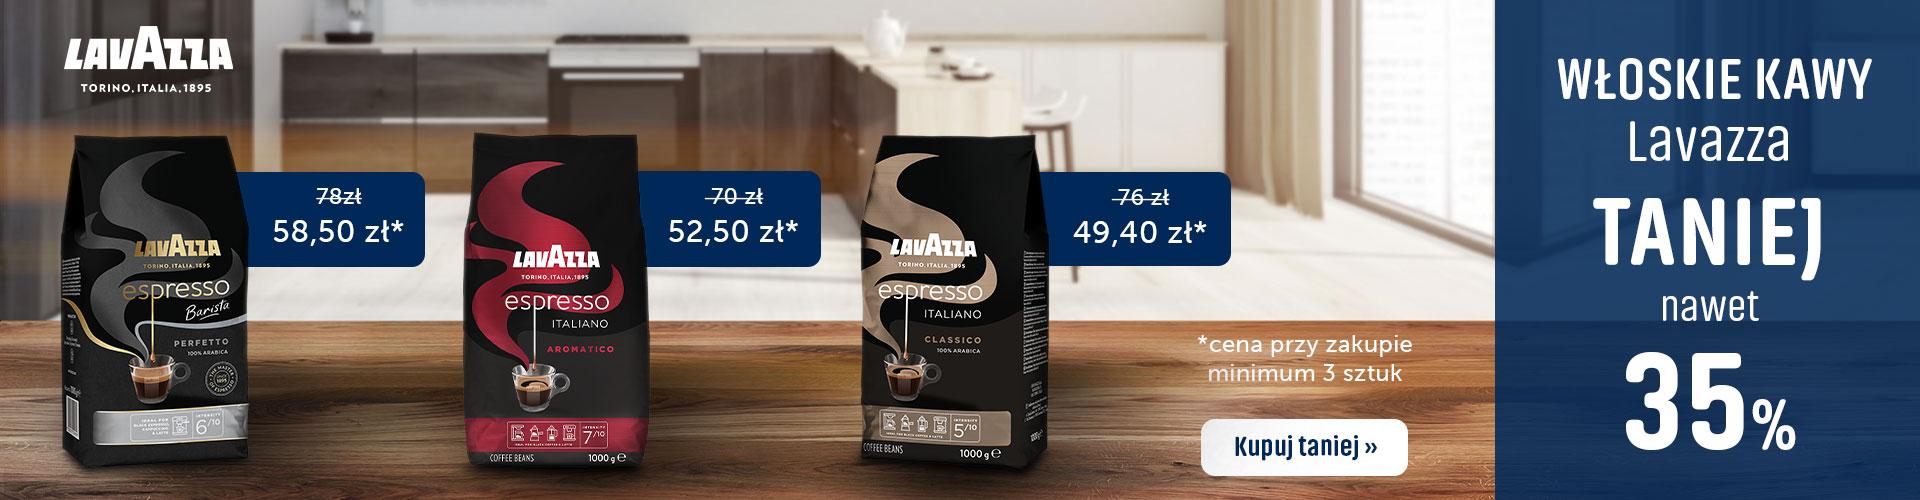 Konesso: nawet 35% rabatu na włoskie kawy Lavazza przy zakupie min. 3 sztuk